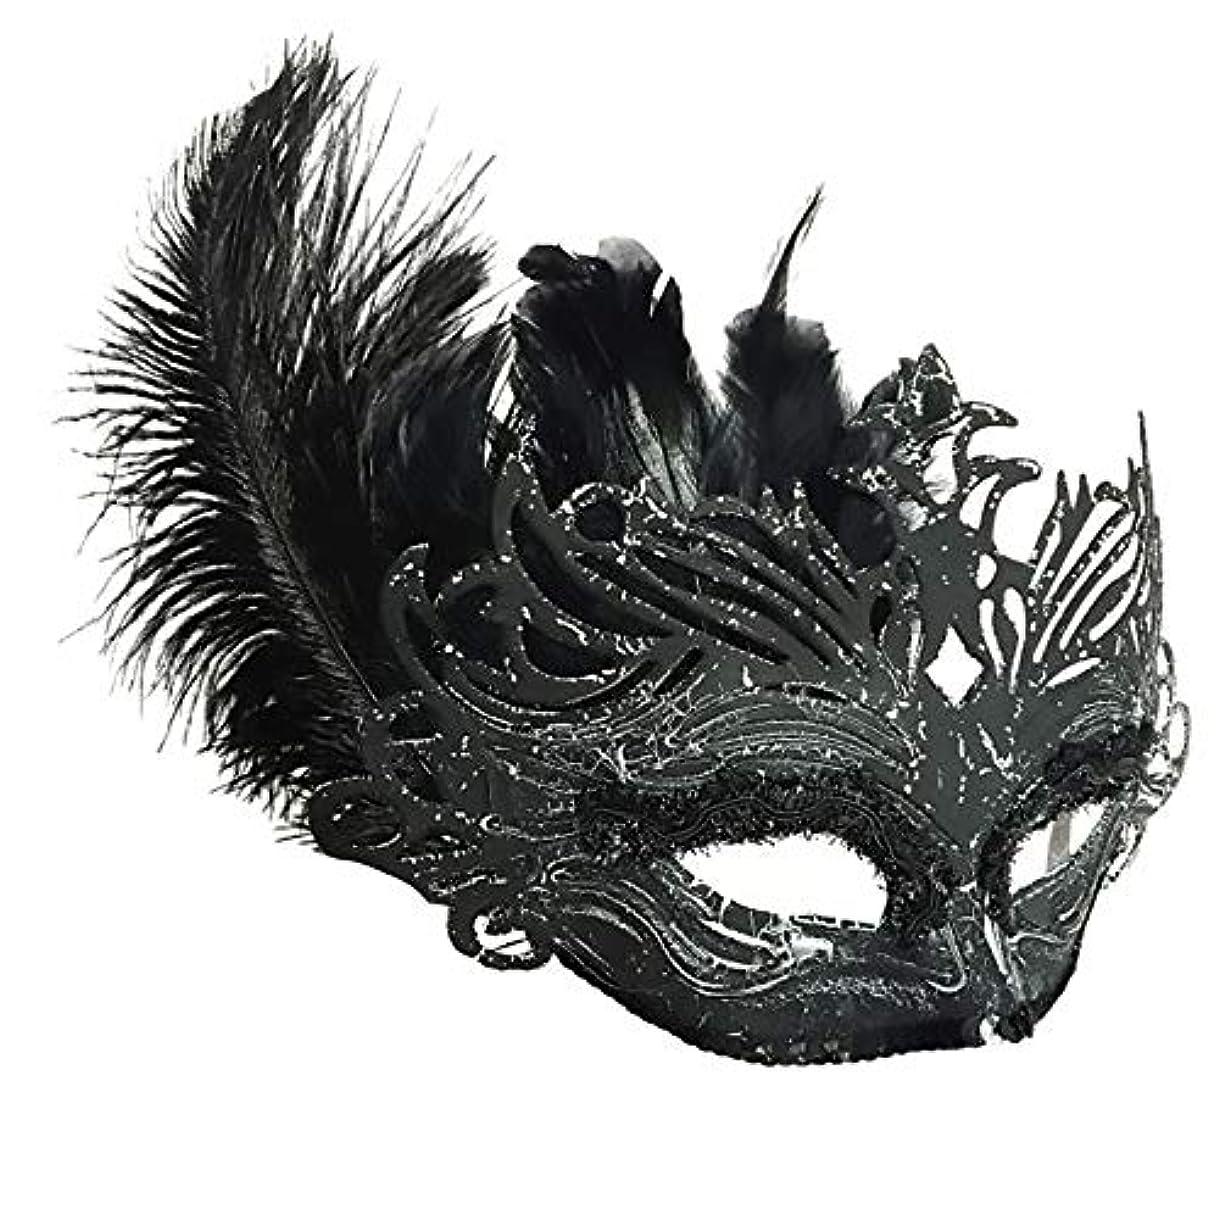 薄いですポンド余剰Nanle Halloween Ornate Blackコロンビーナフェザーマスク (色 : 黒)